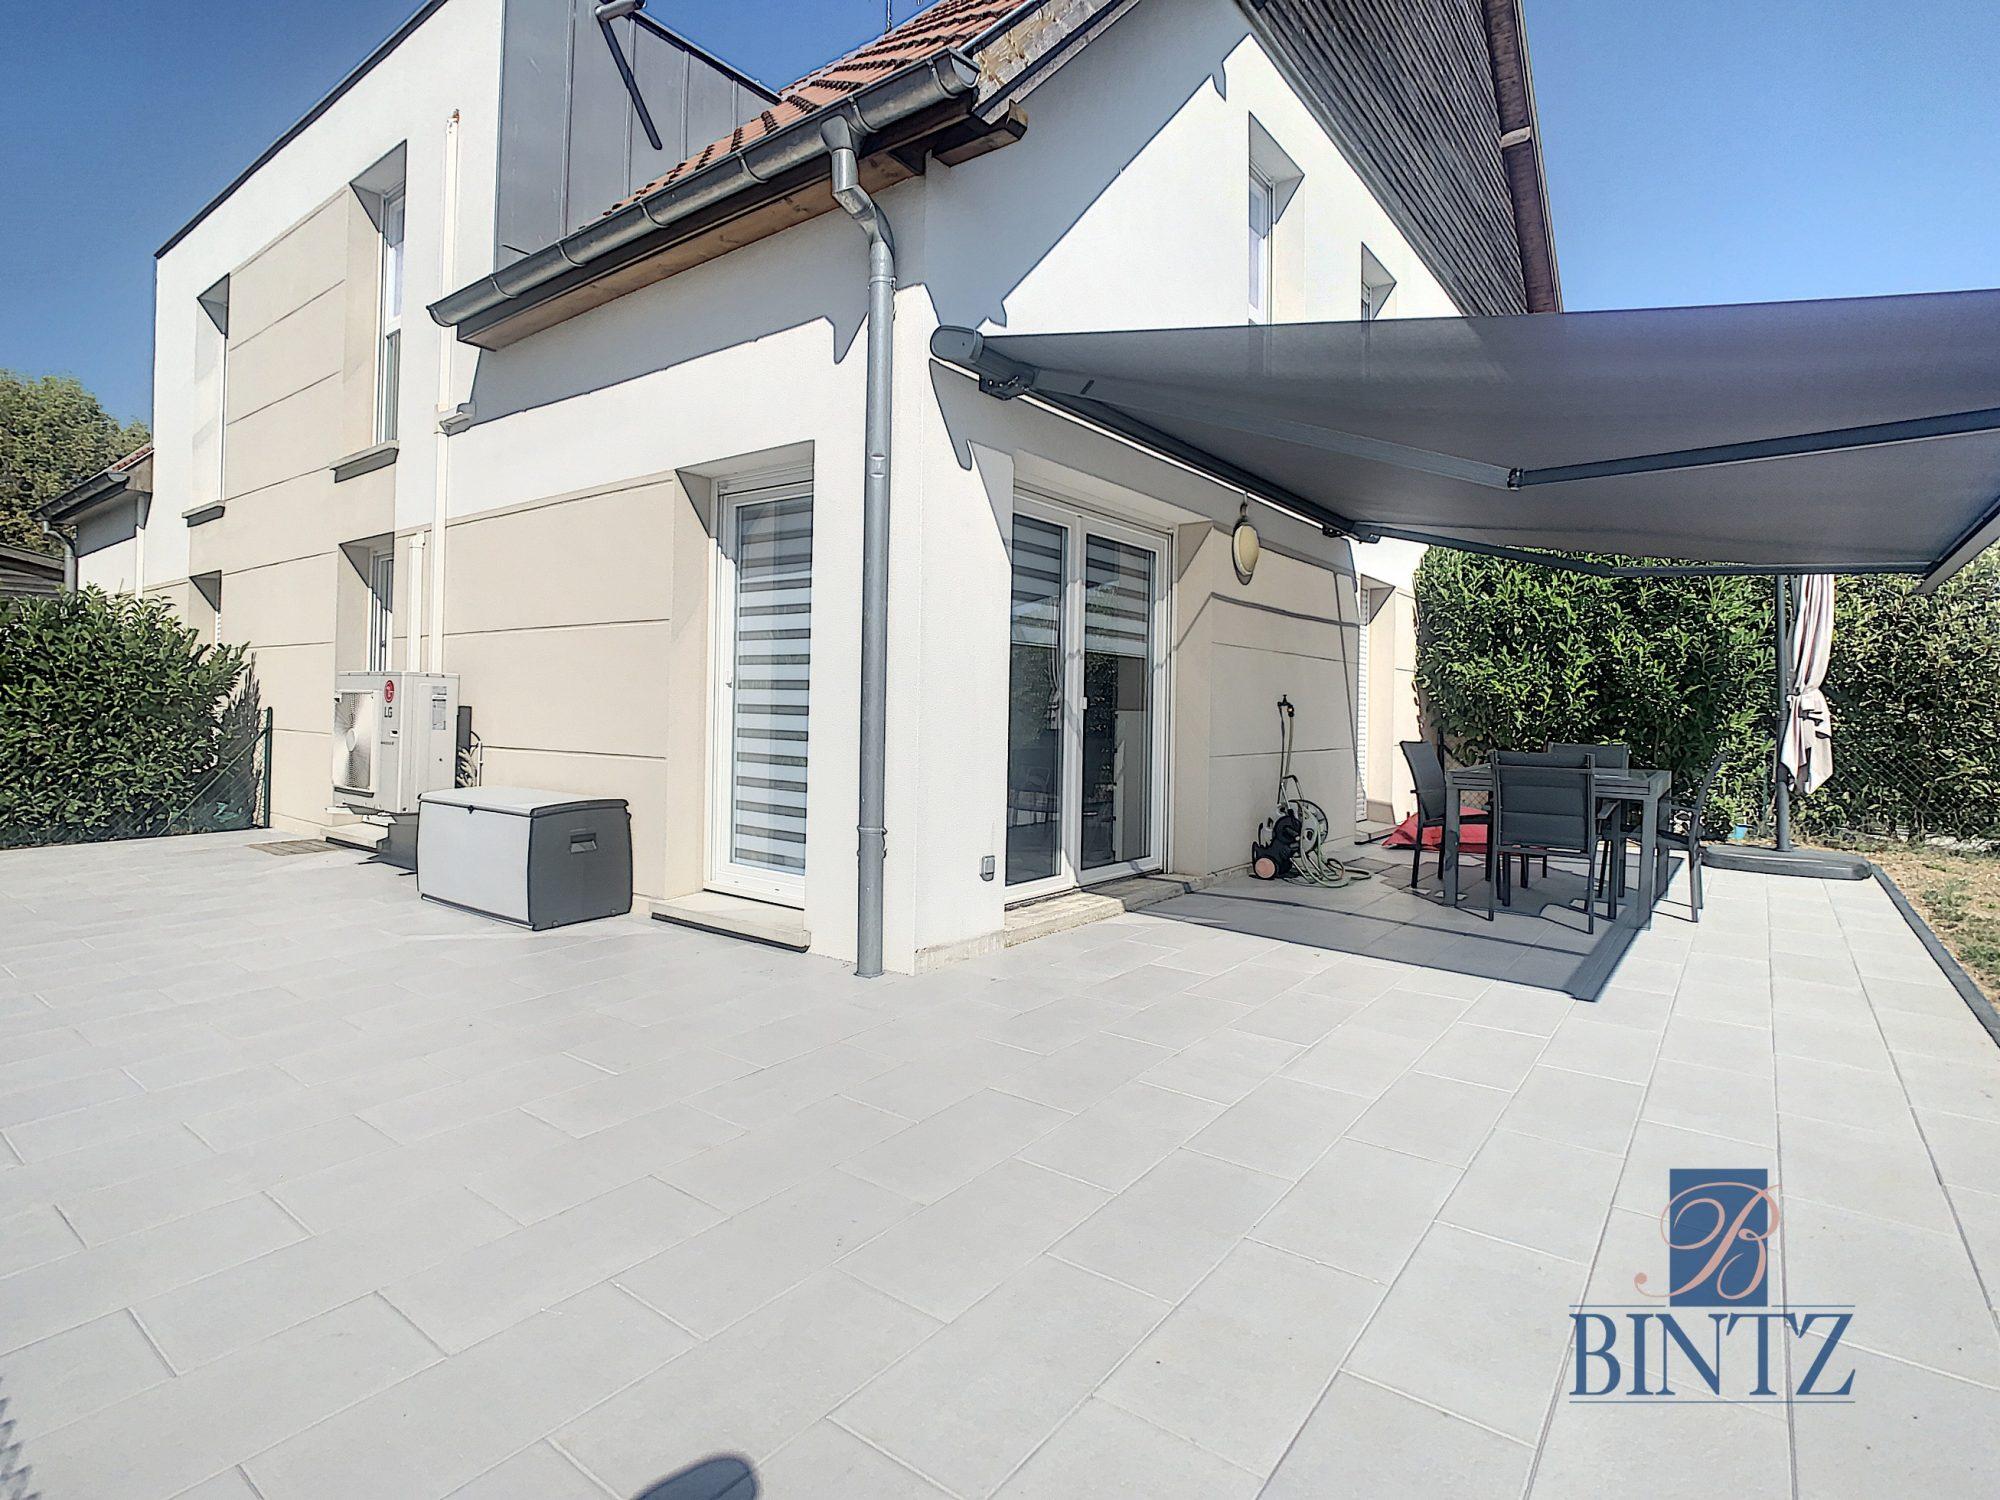 Appartement 4 pièces Duplex rez-de-jardin - Devenez propriétaire en toute confiance - Bintz Immobilier - 1